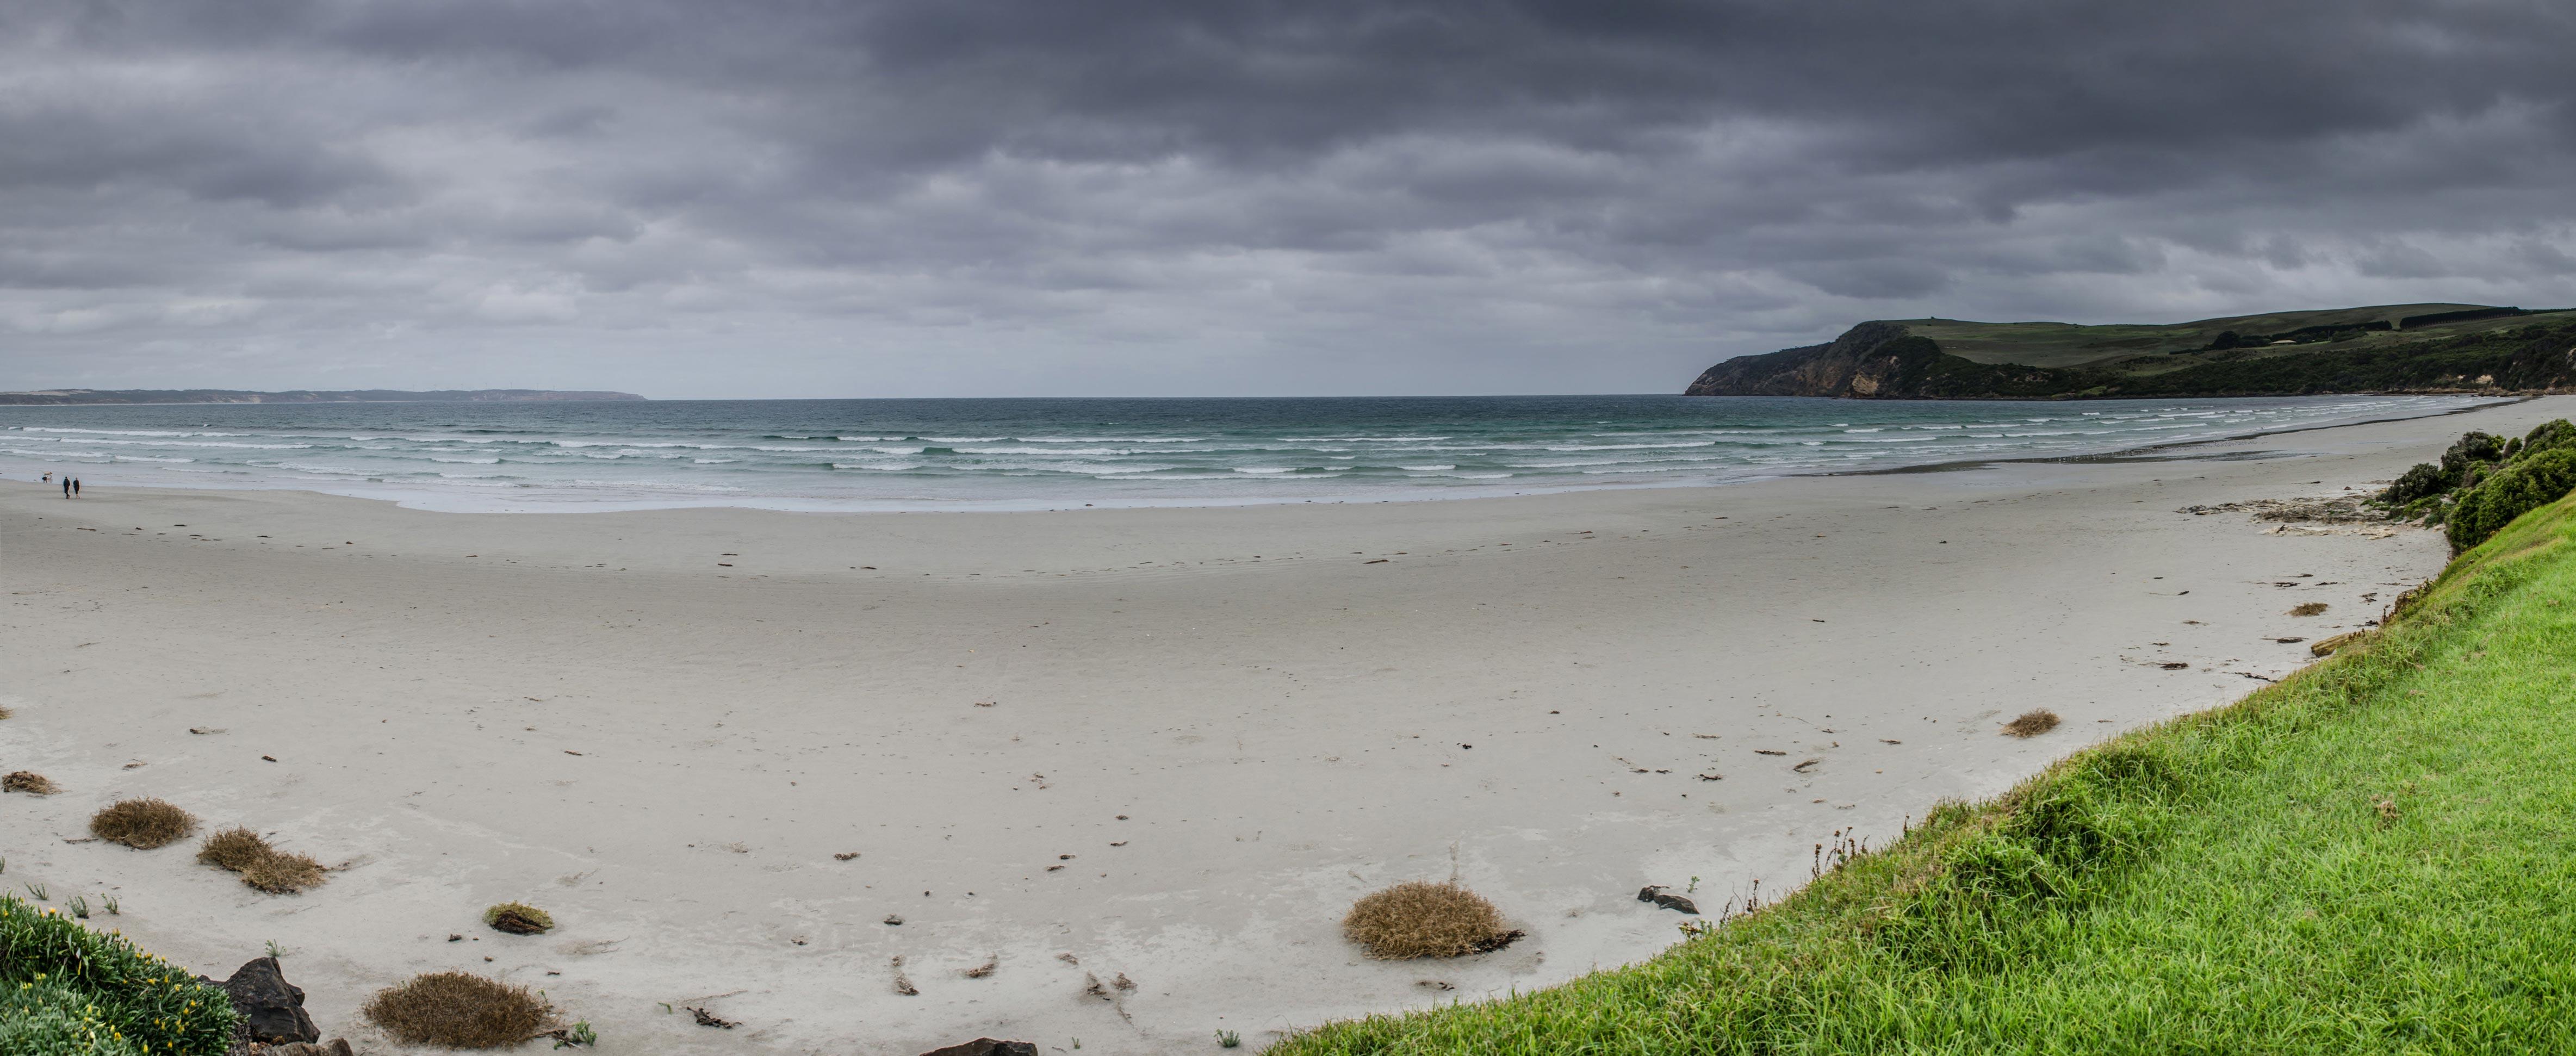 Paesaggi-Australia - DSC 5648  - Landscape photographer Australia -